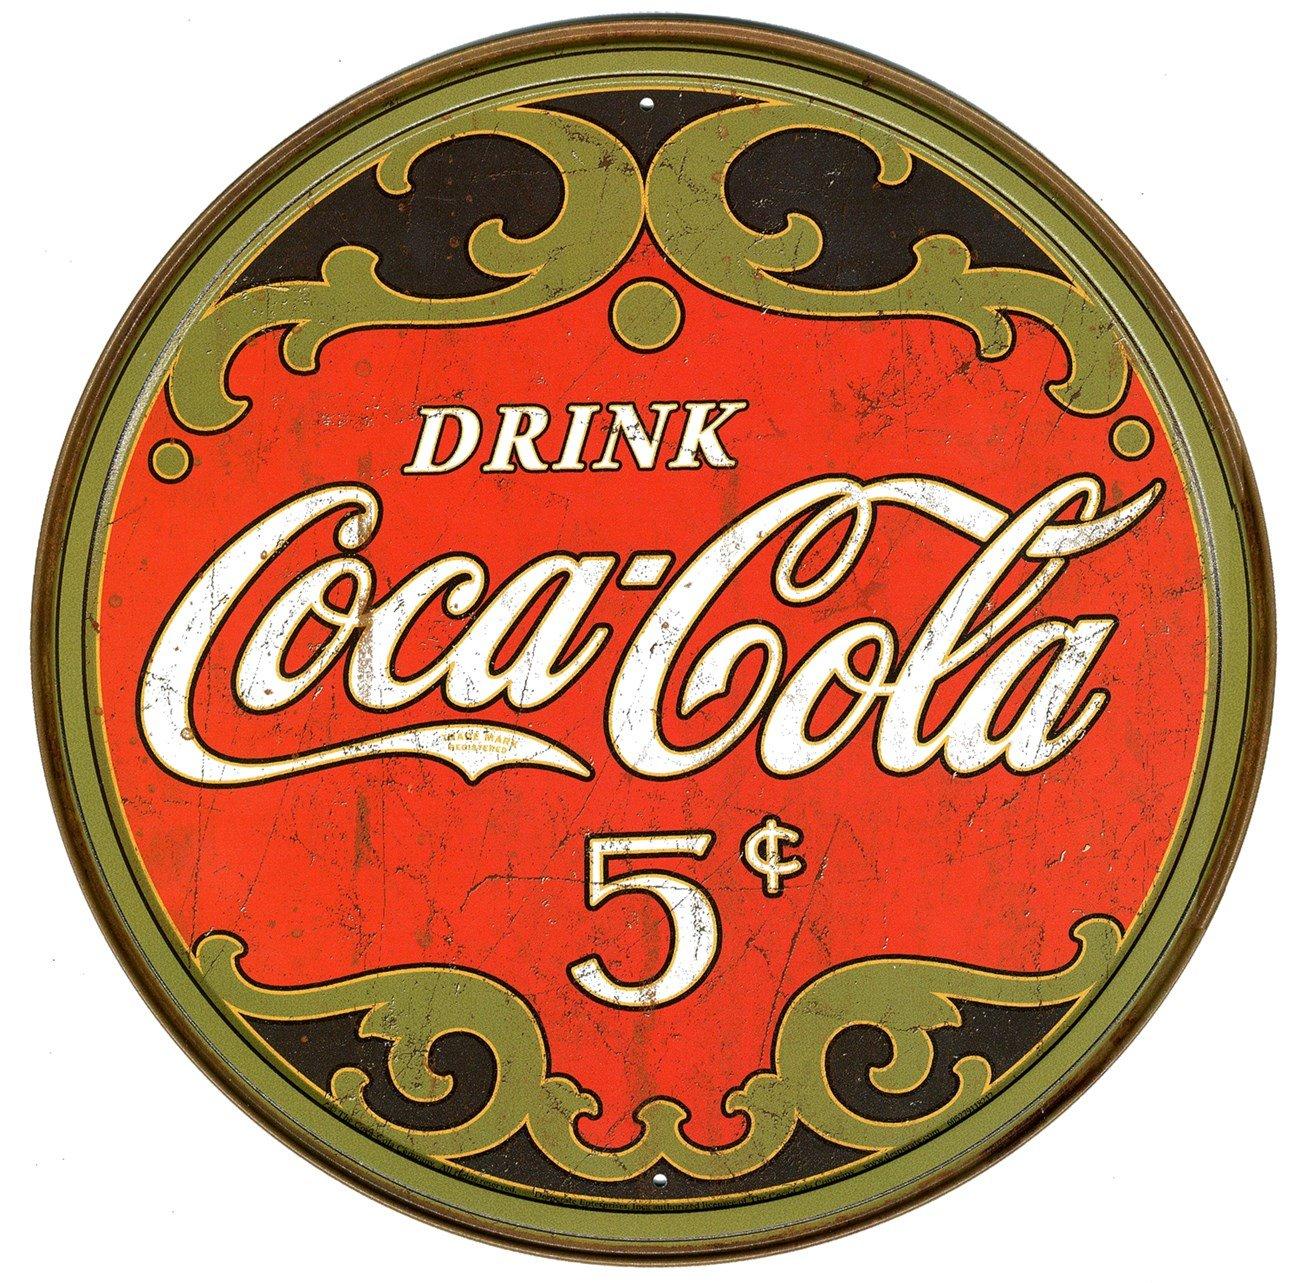 Coca-Cola Cartel Metálico Anuncio 5 cents 28x28cm Producto ...